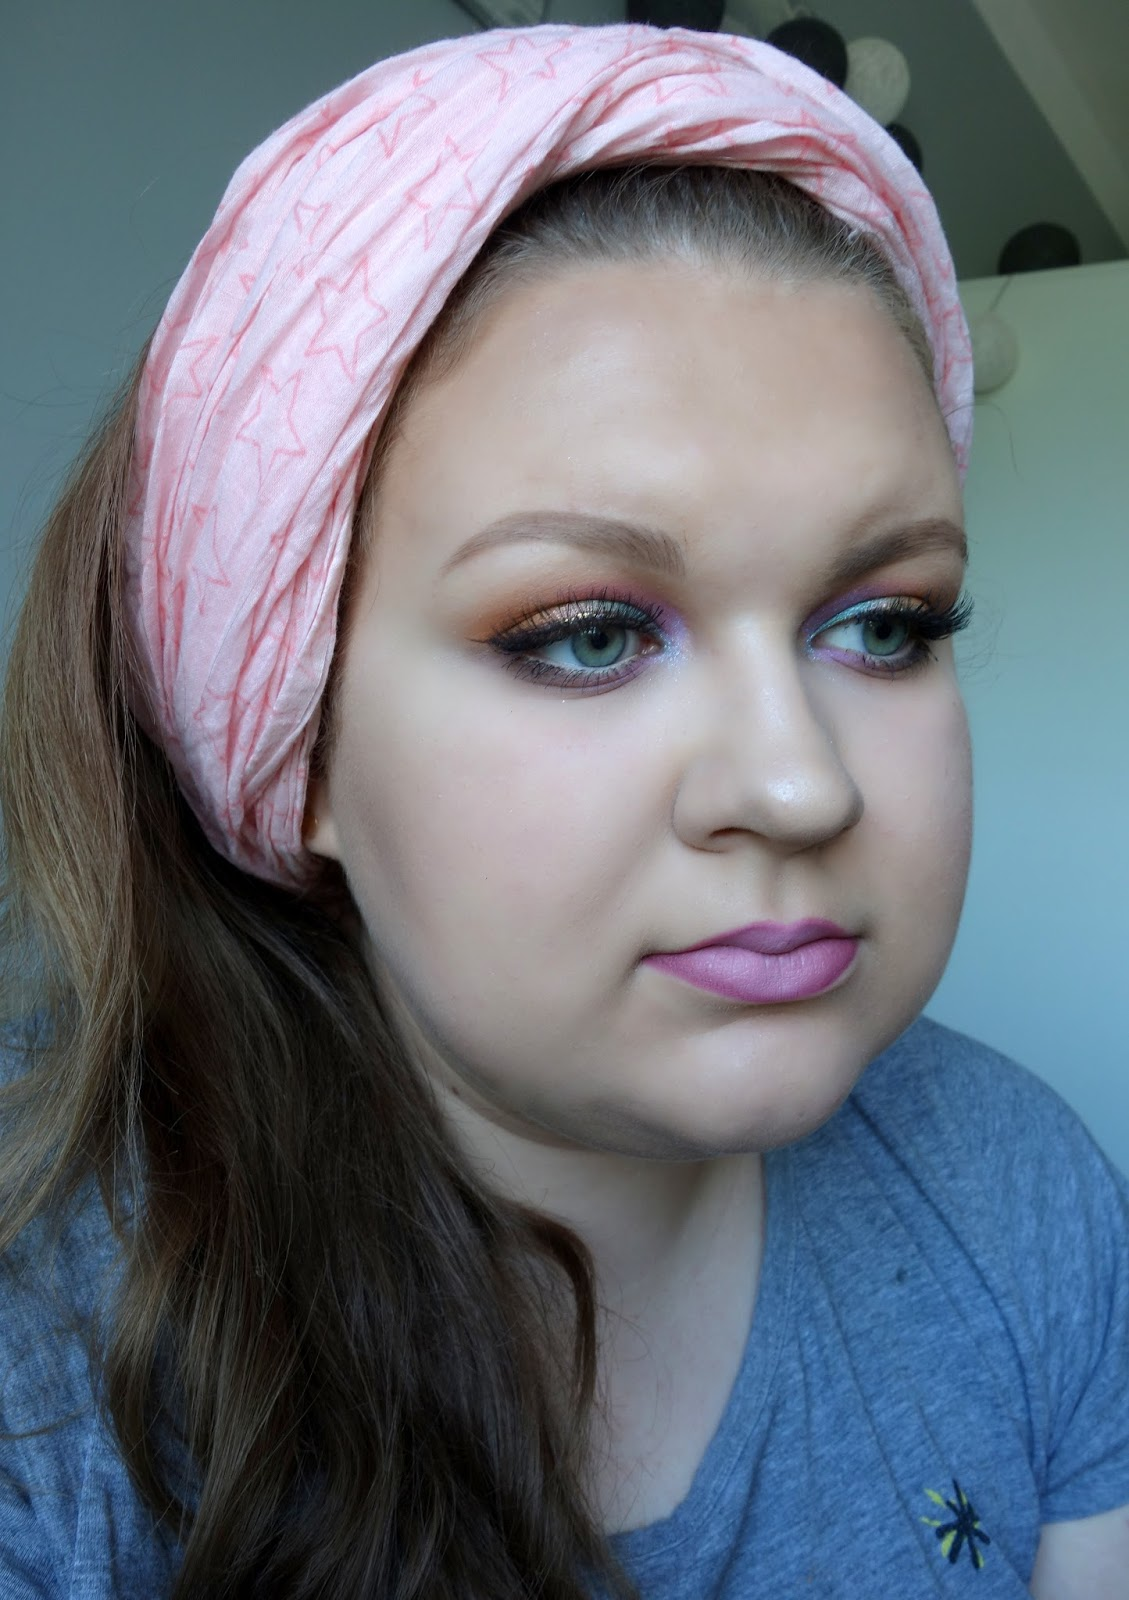 Kolorowy makijaż z nowościami w akcji: podkład i mascara Eveline, duo do konturowania Cashmere, rozświetlacz Pierre Rene